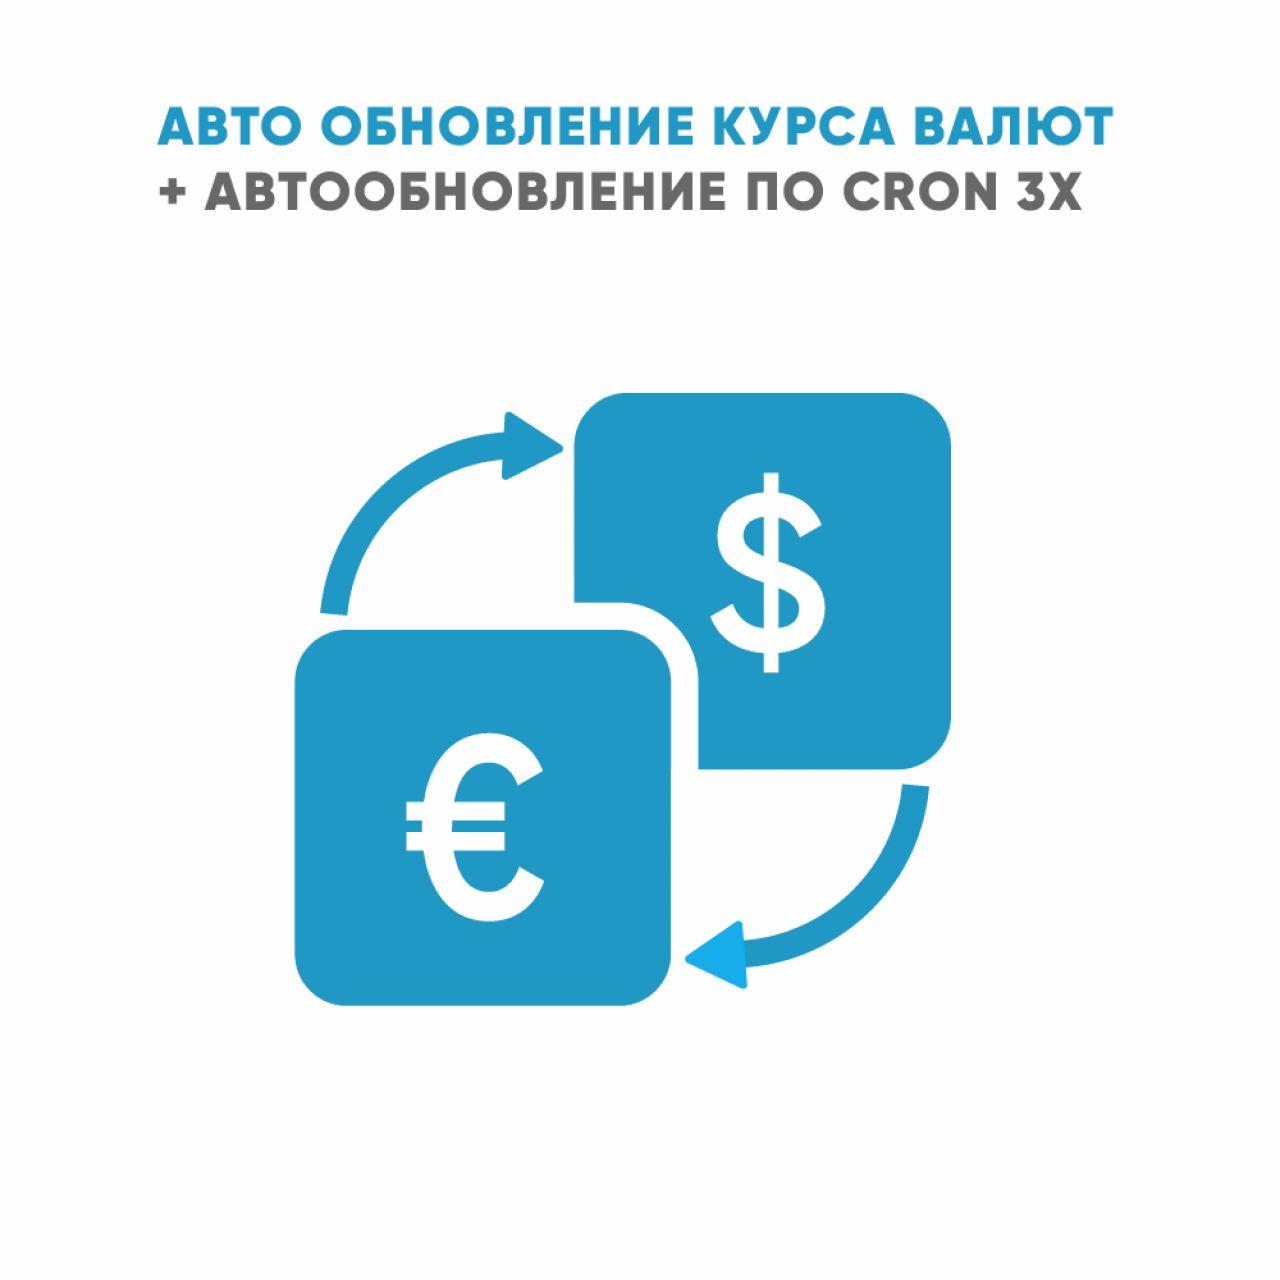 Авто обновление курса Валют + автообновление по CRON 3x из категории Админка для CMS OpenCart (ОпенКарт)